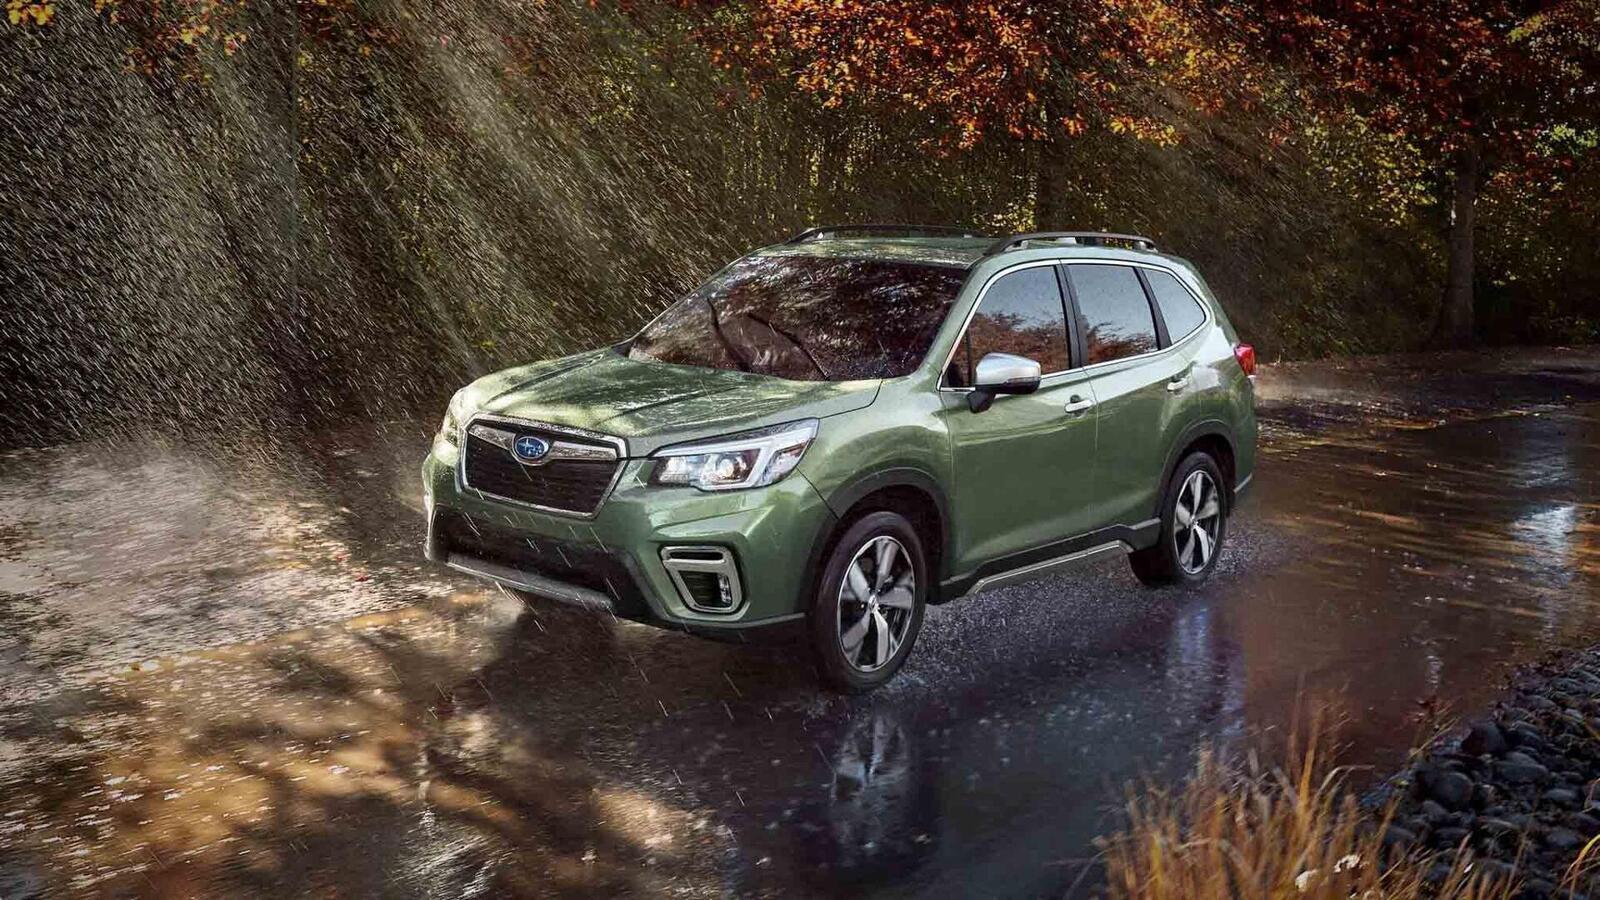 Subaru Forester 2019: Thay đổi nội ngoại thất, động cơ mạnh hơn, thêm nhiều phiên bản - Hình 5